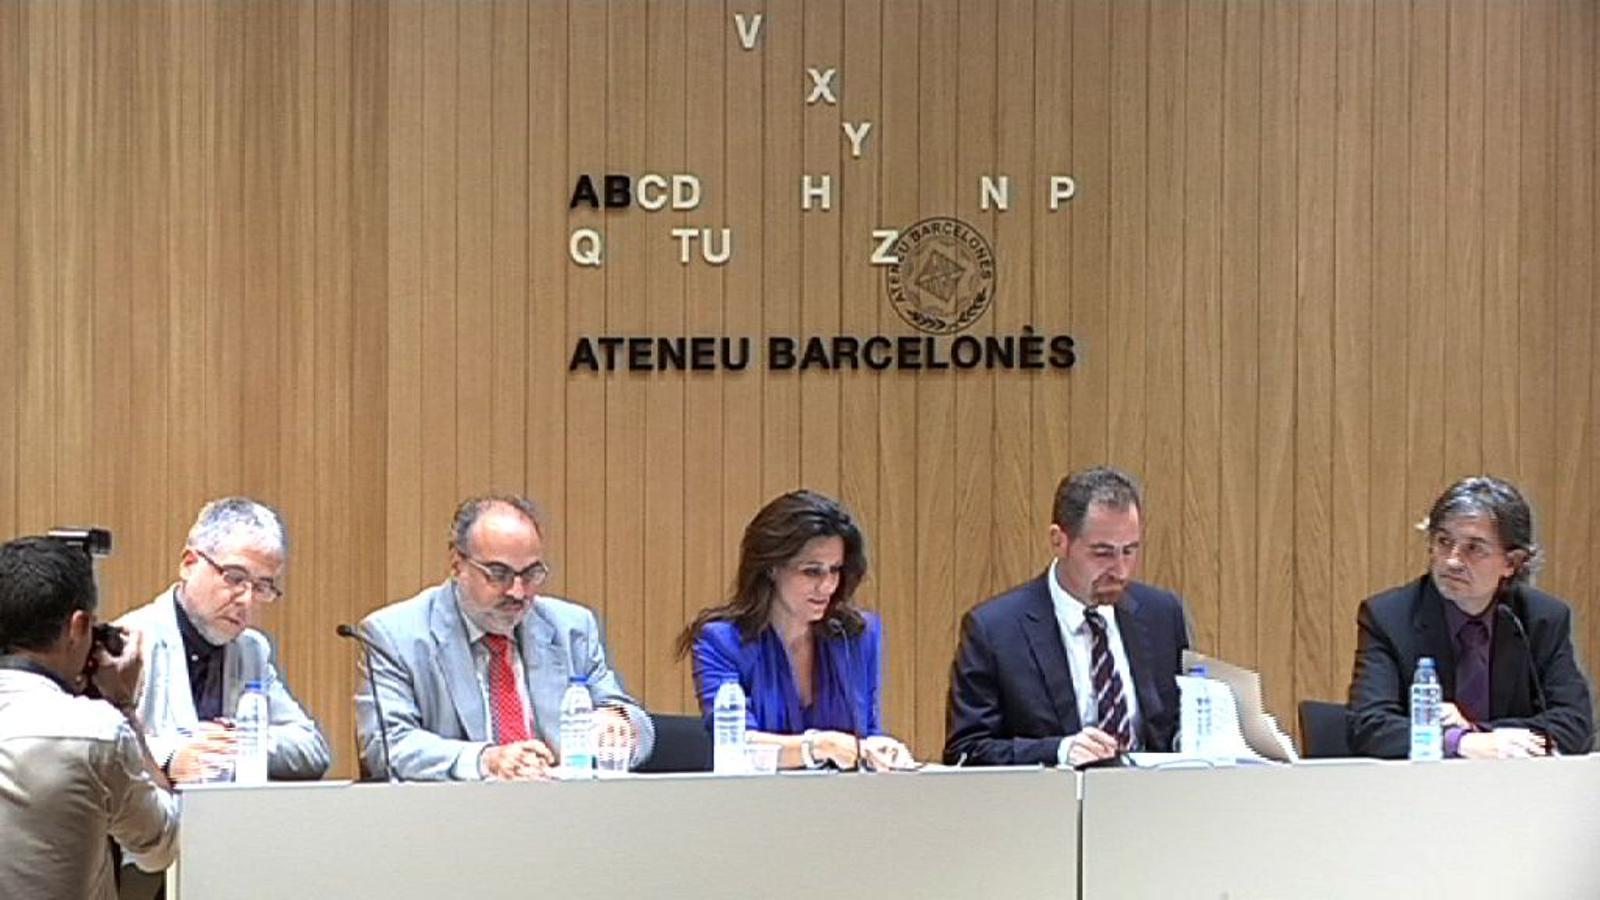 Carles Capdevila: La llibertat, la independència dels mitjans la garanteix que hi hagi gent que entengui que el periodisme té un valor